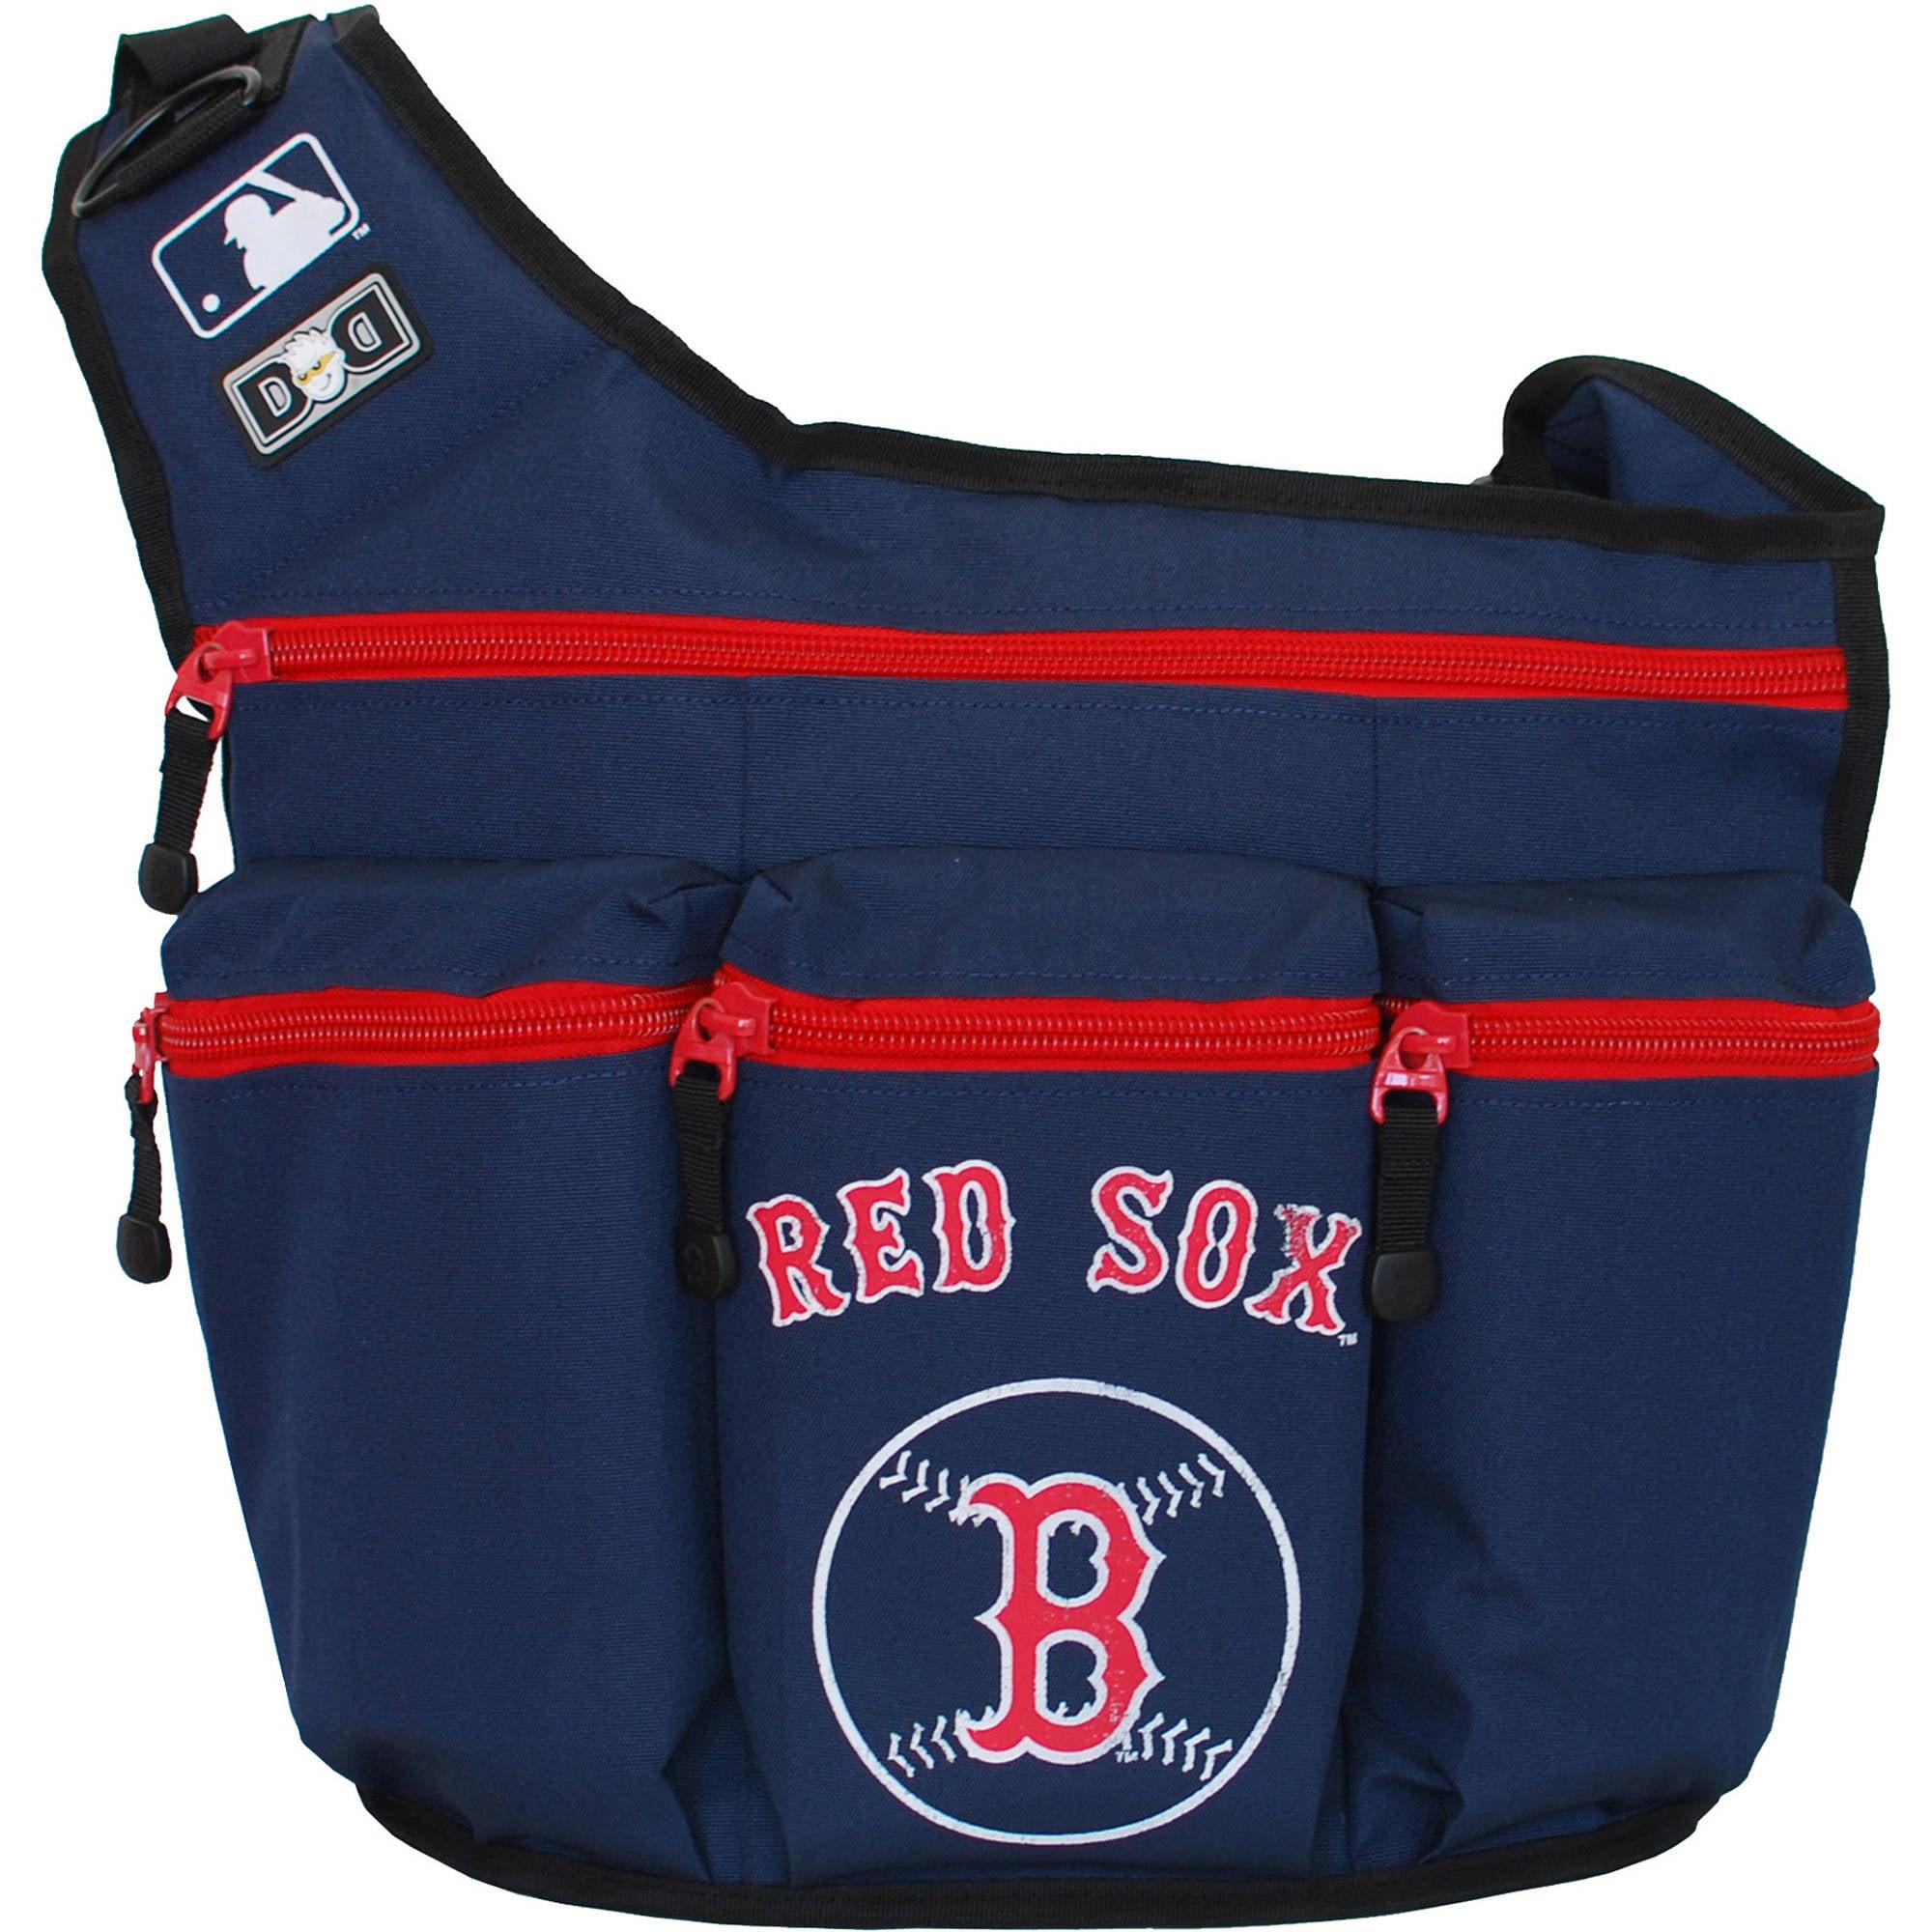 Diaper Dude MLB Diaper Bag, Boston Red Sox by Diaper Dude